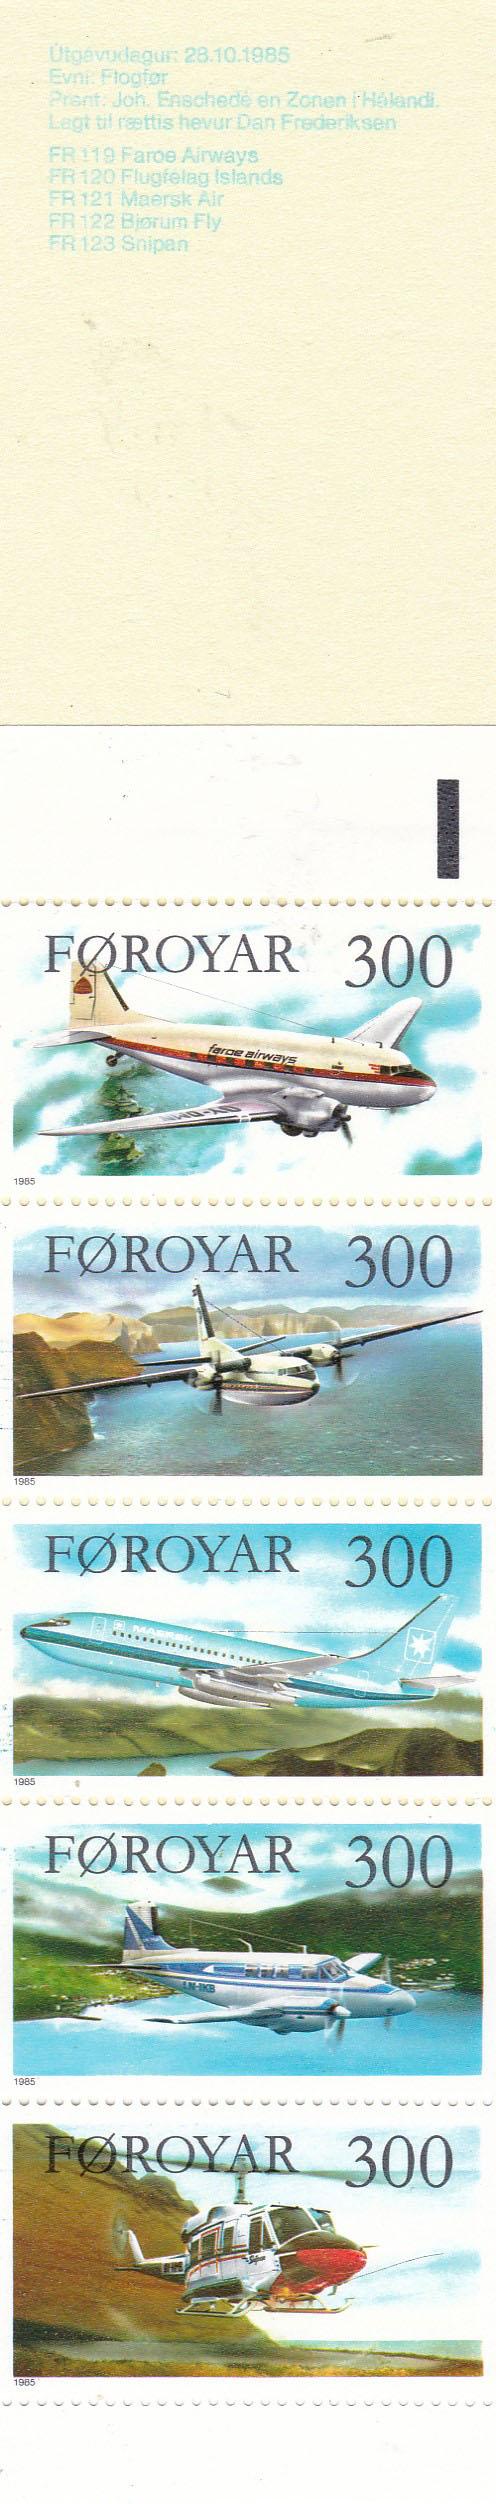 Mein Sammelgebiet: Färöer Inseln Img_2411